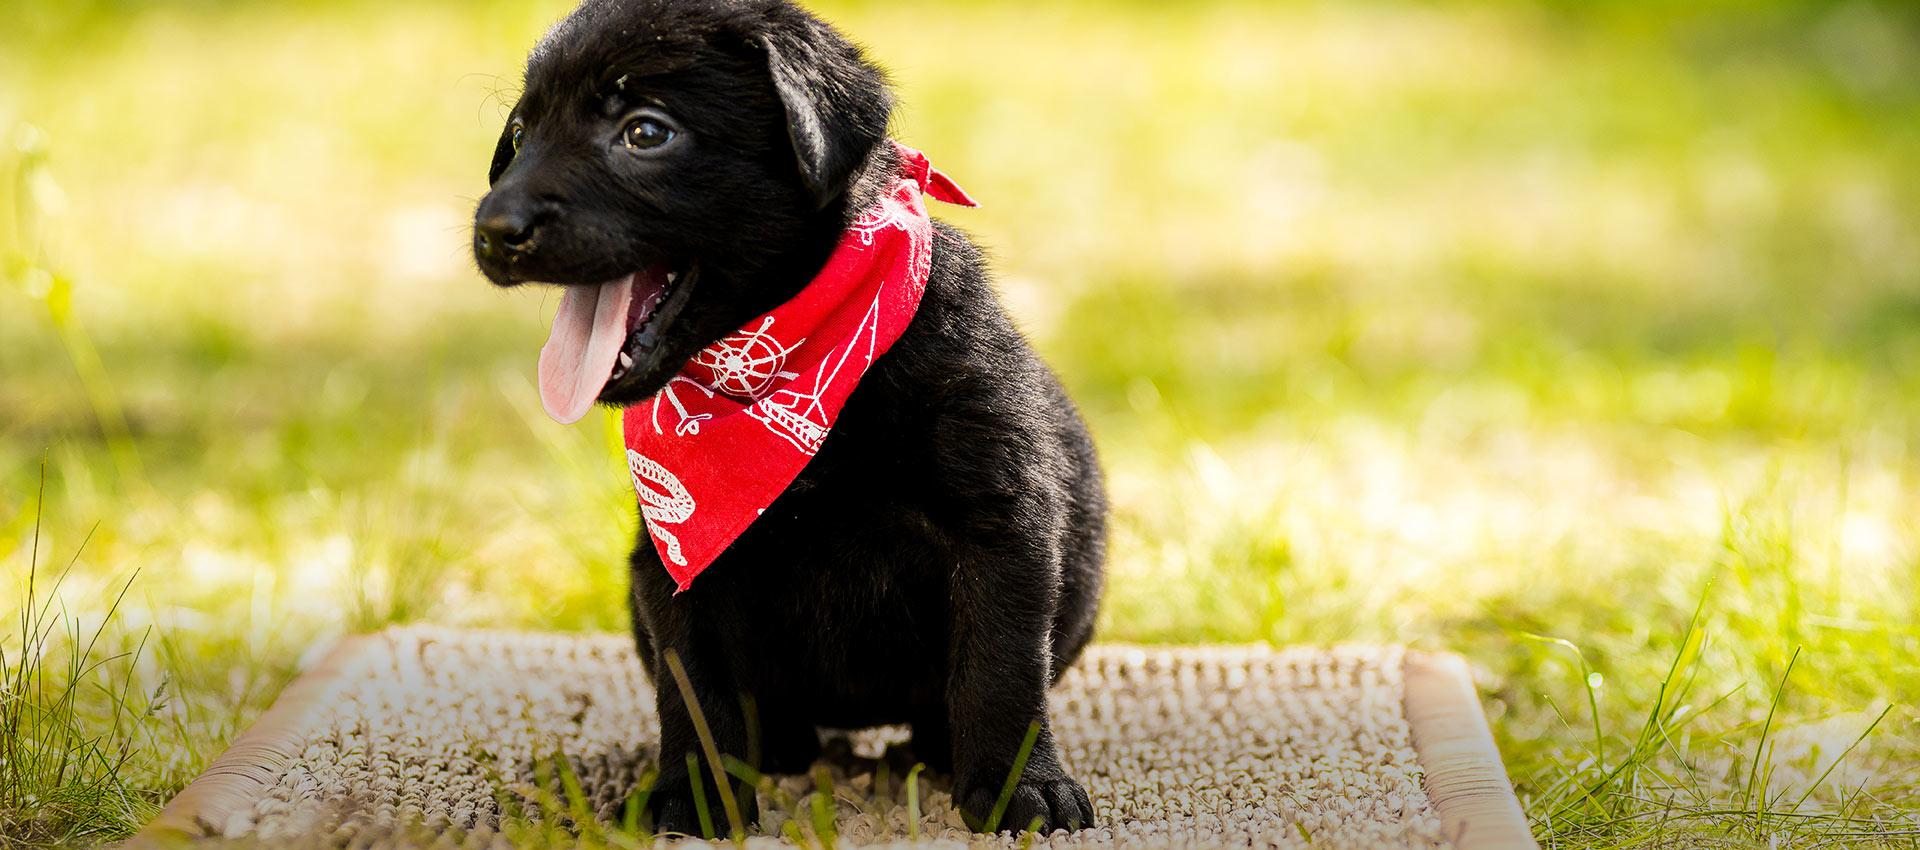 Cucciolo di cane benvenuto al B&B